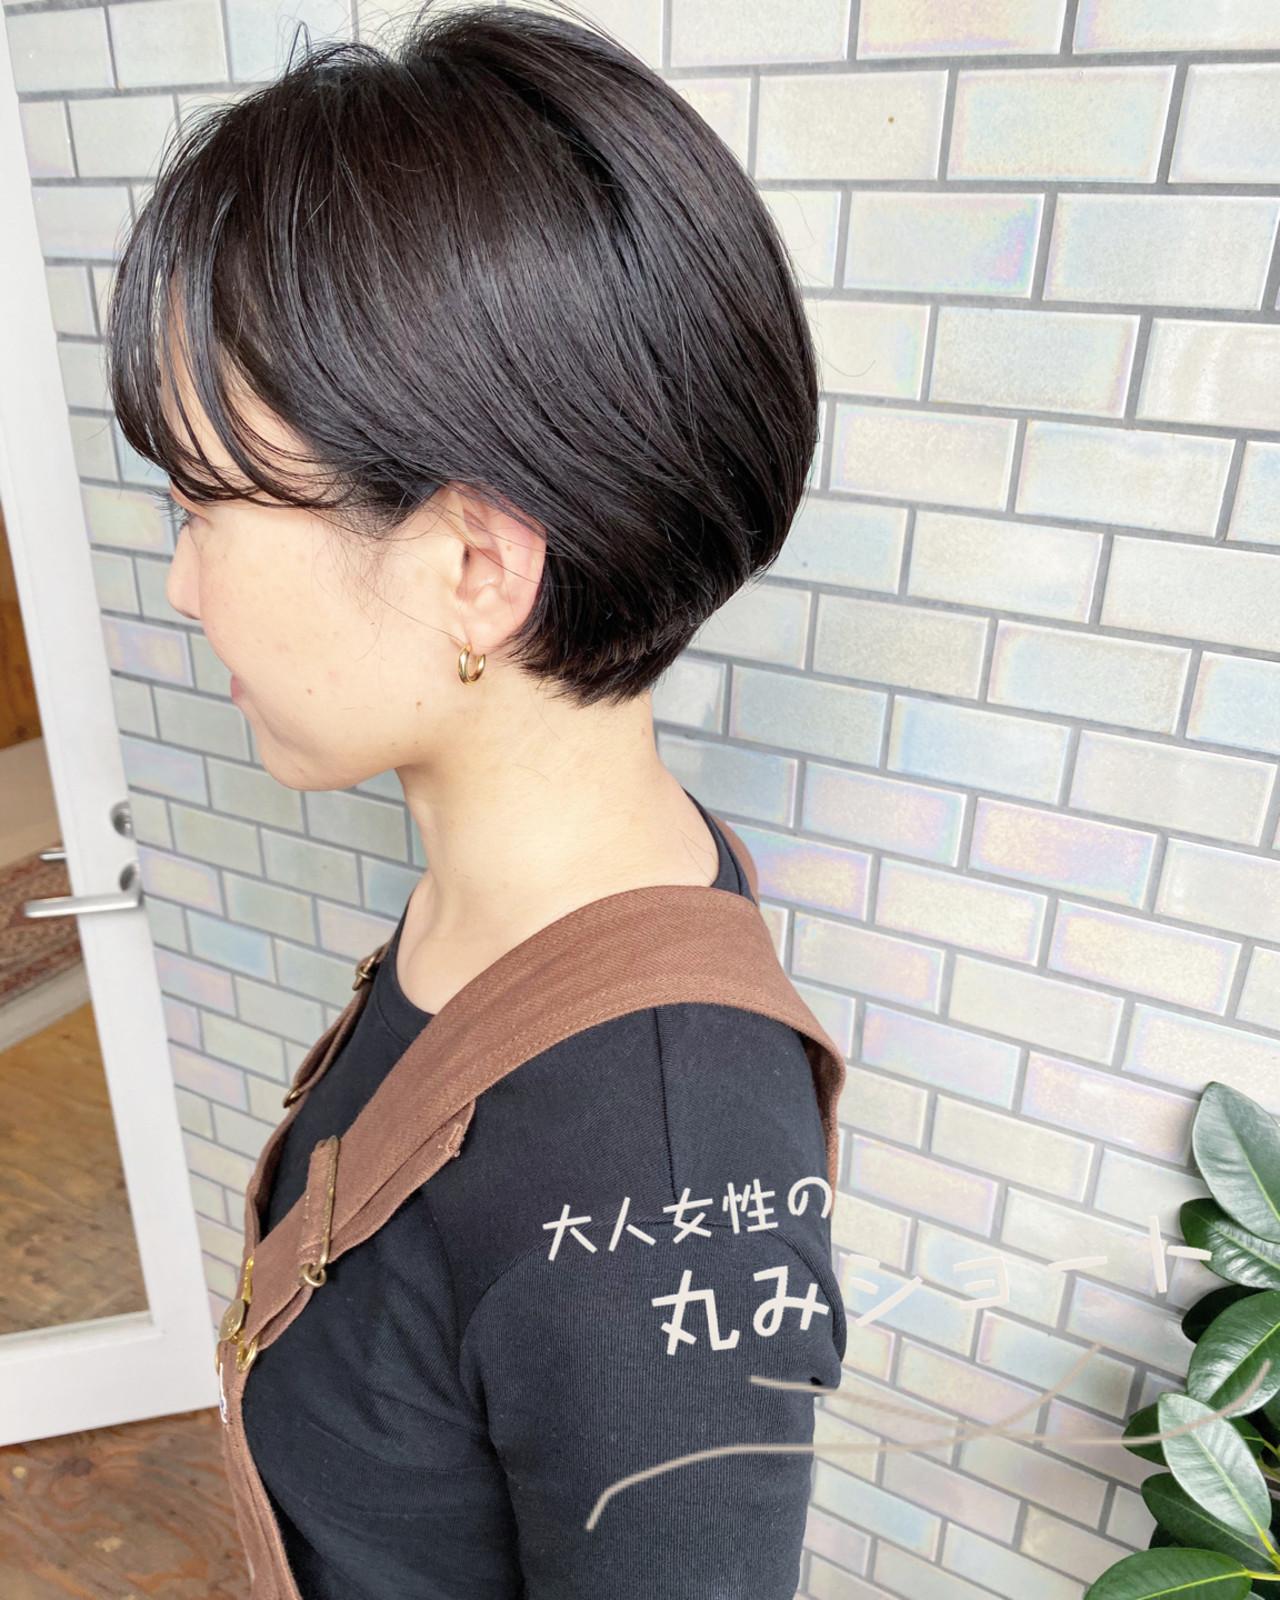 ショートボブ ショート ナチュラル ベリーショート ヘアスタイルや髪型の写真・画像 | 大人可愛い【ショート・ボブが得意】つばさ / VIE